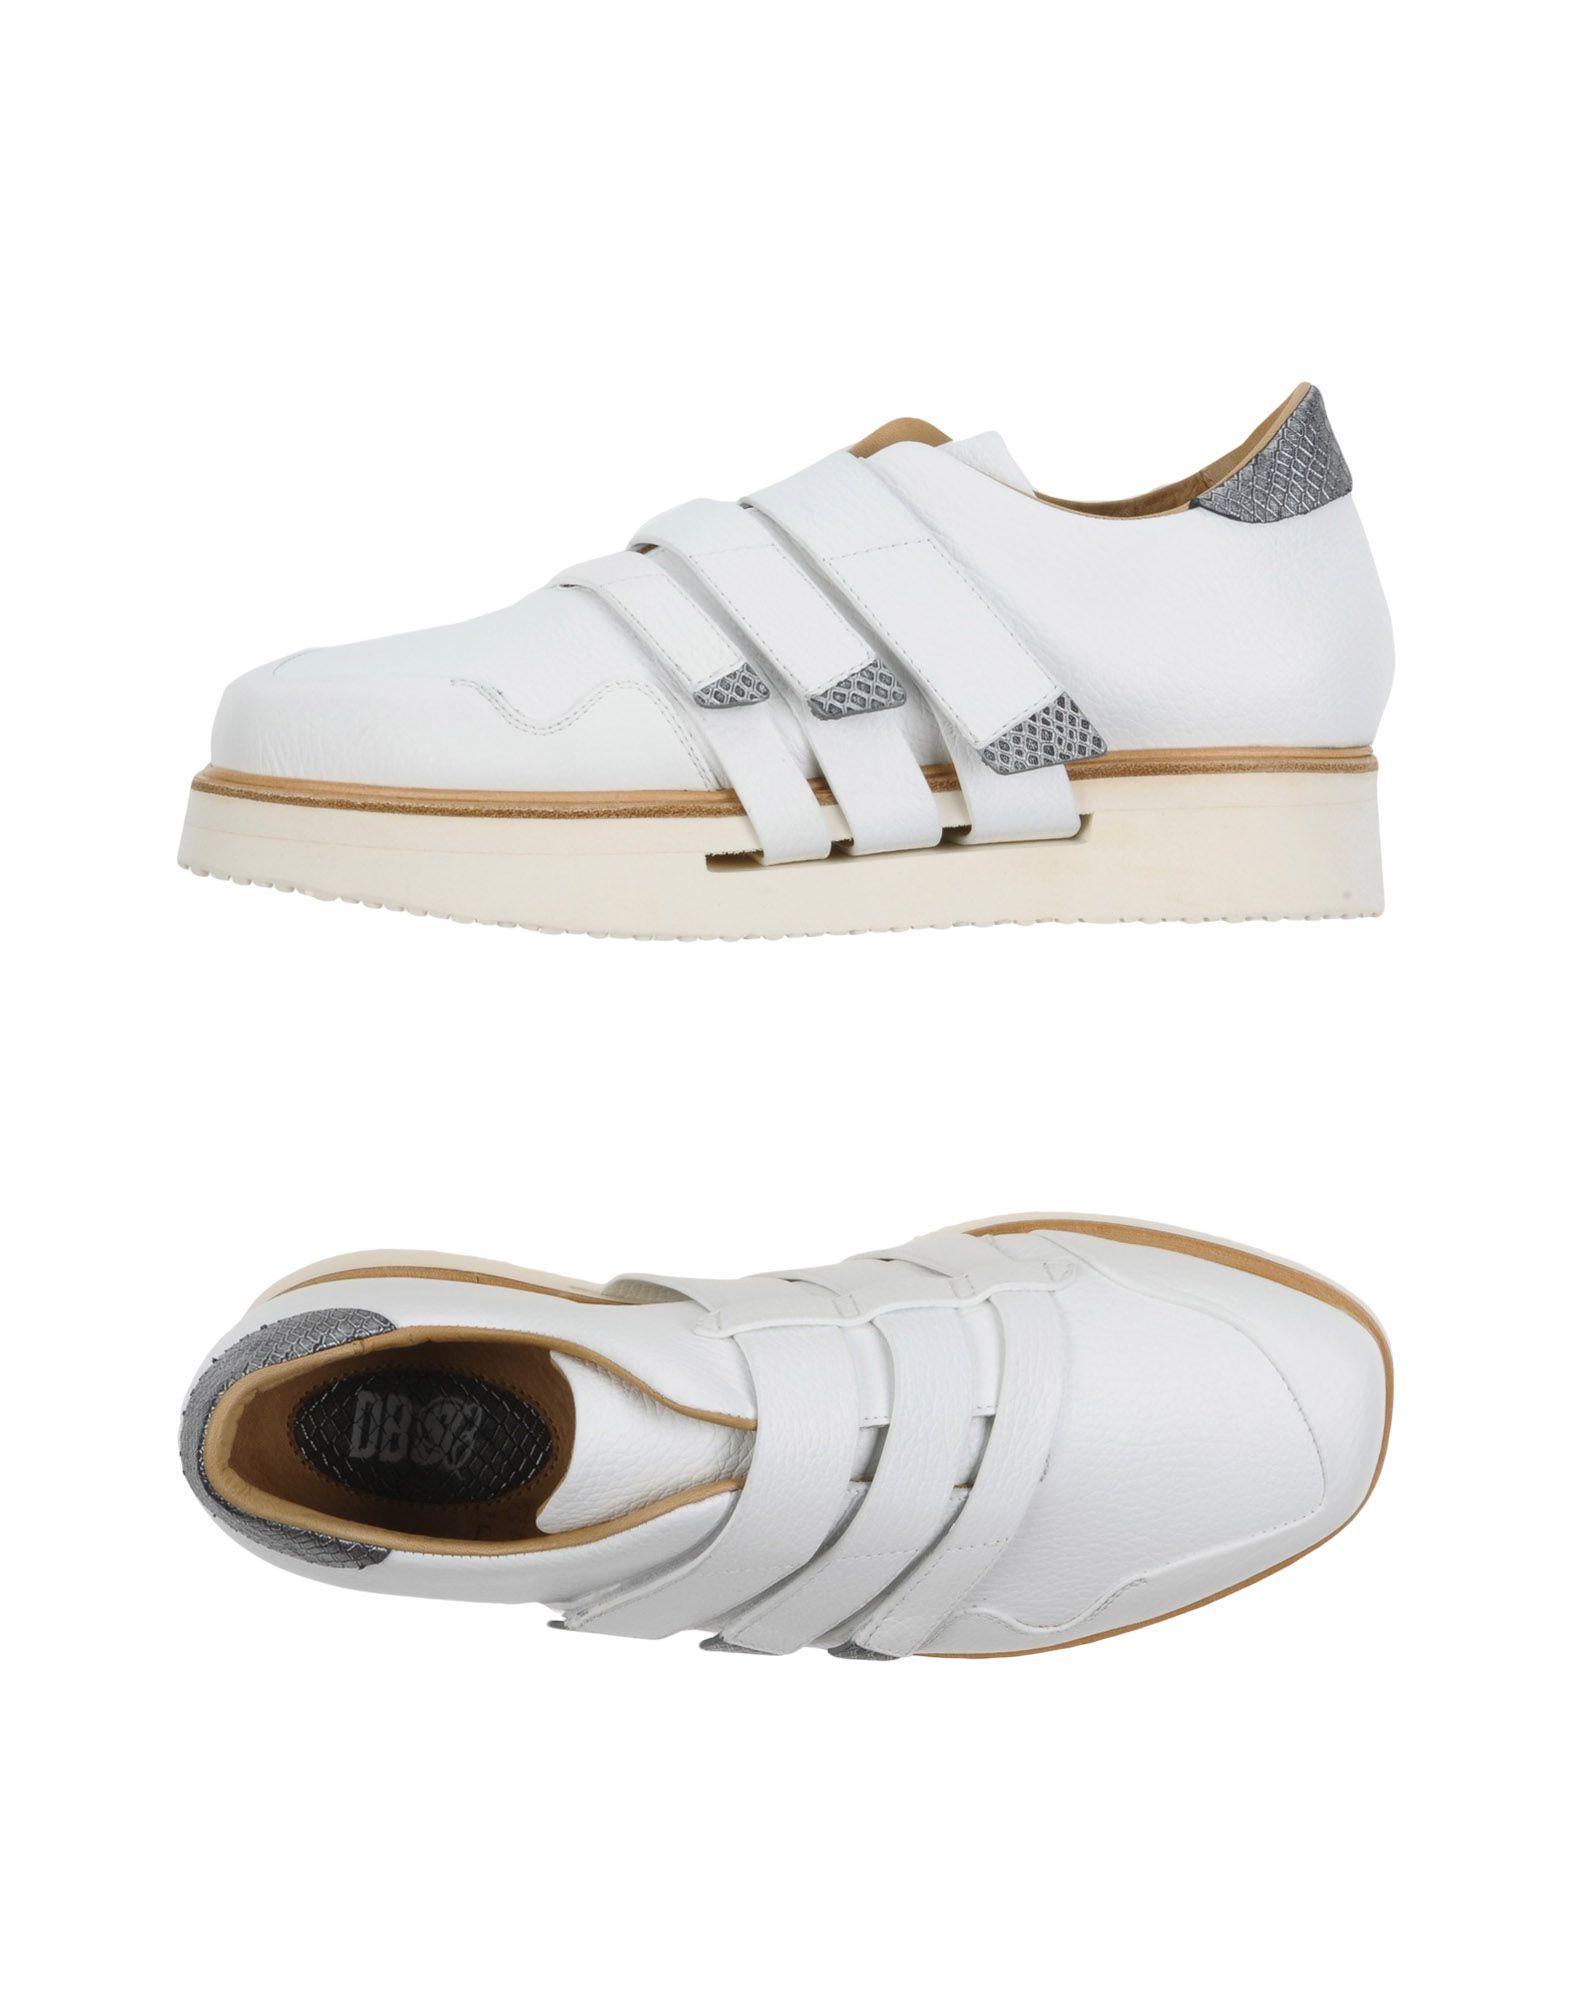 DIRK BIKKEMBERGS Herren Low Sneakers & Tennisschuhe Farbe Weiß Größe 9